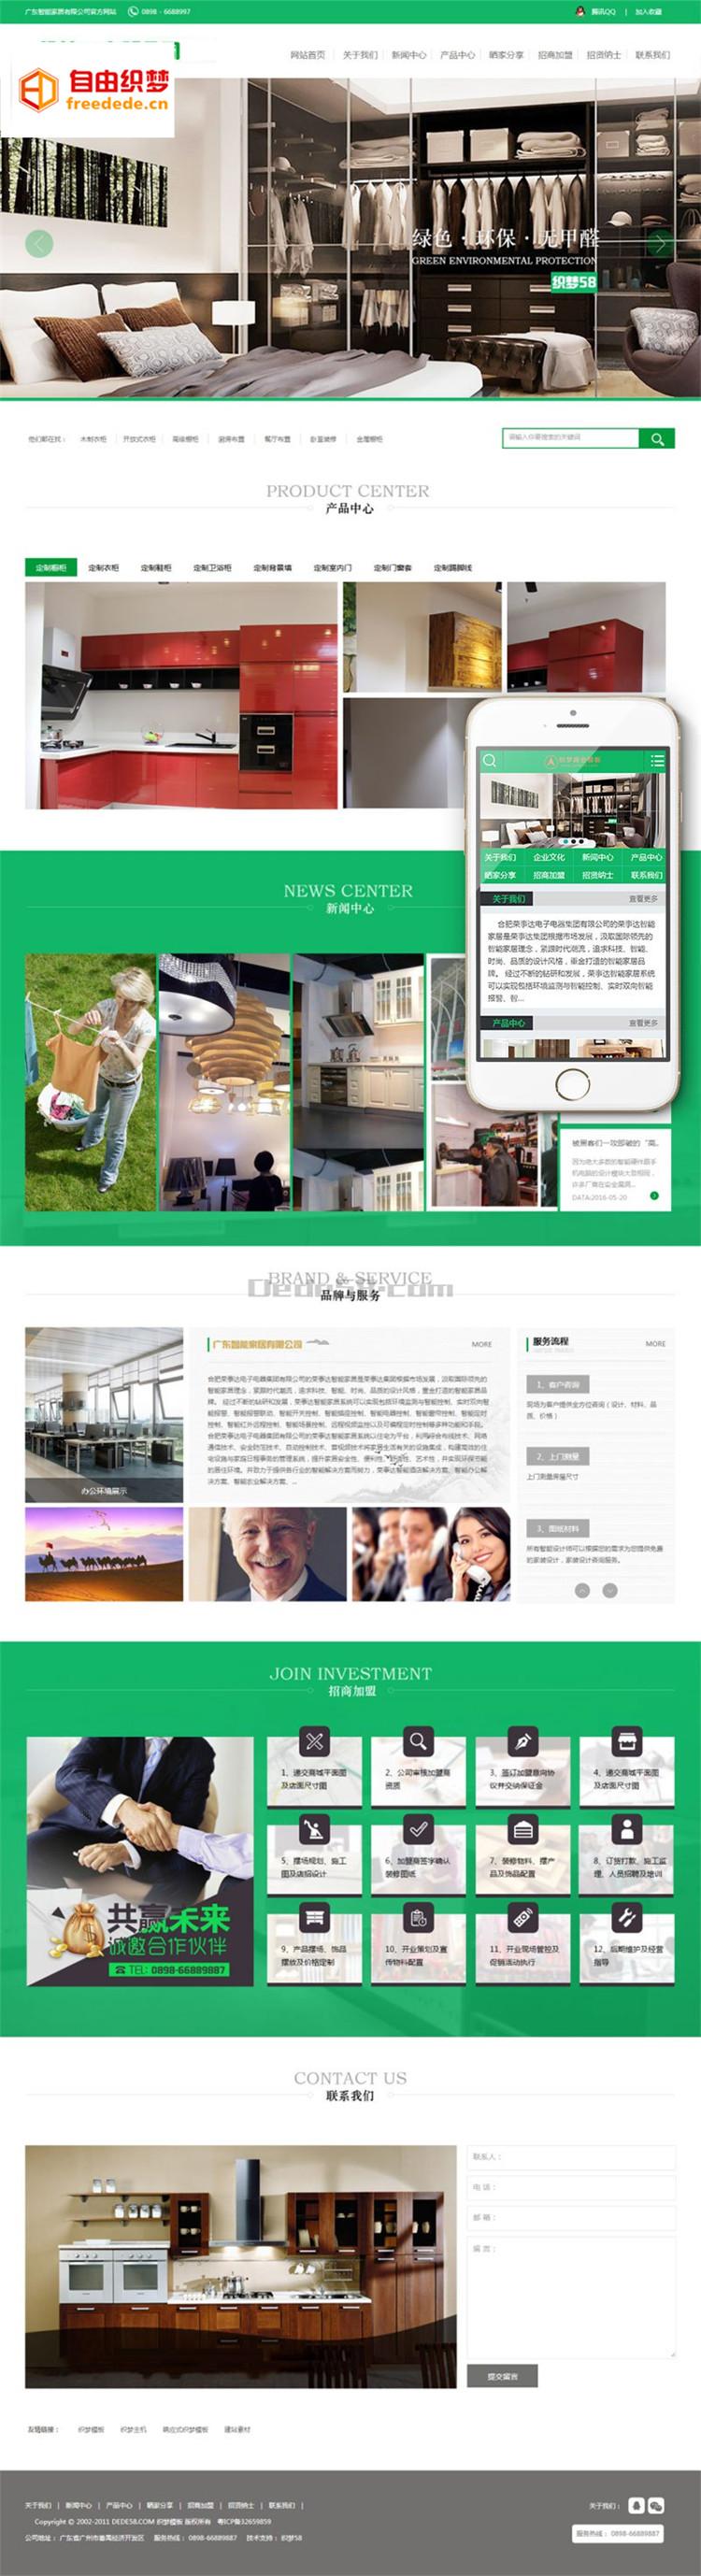 爱上源码网文章绿色智能家居家具类网站织梦模板(带手机端)营销型整站源码下载的内容插图